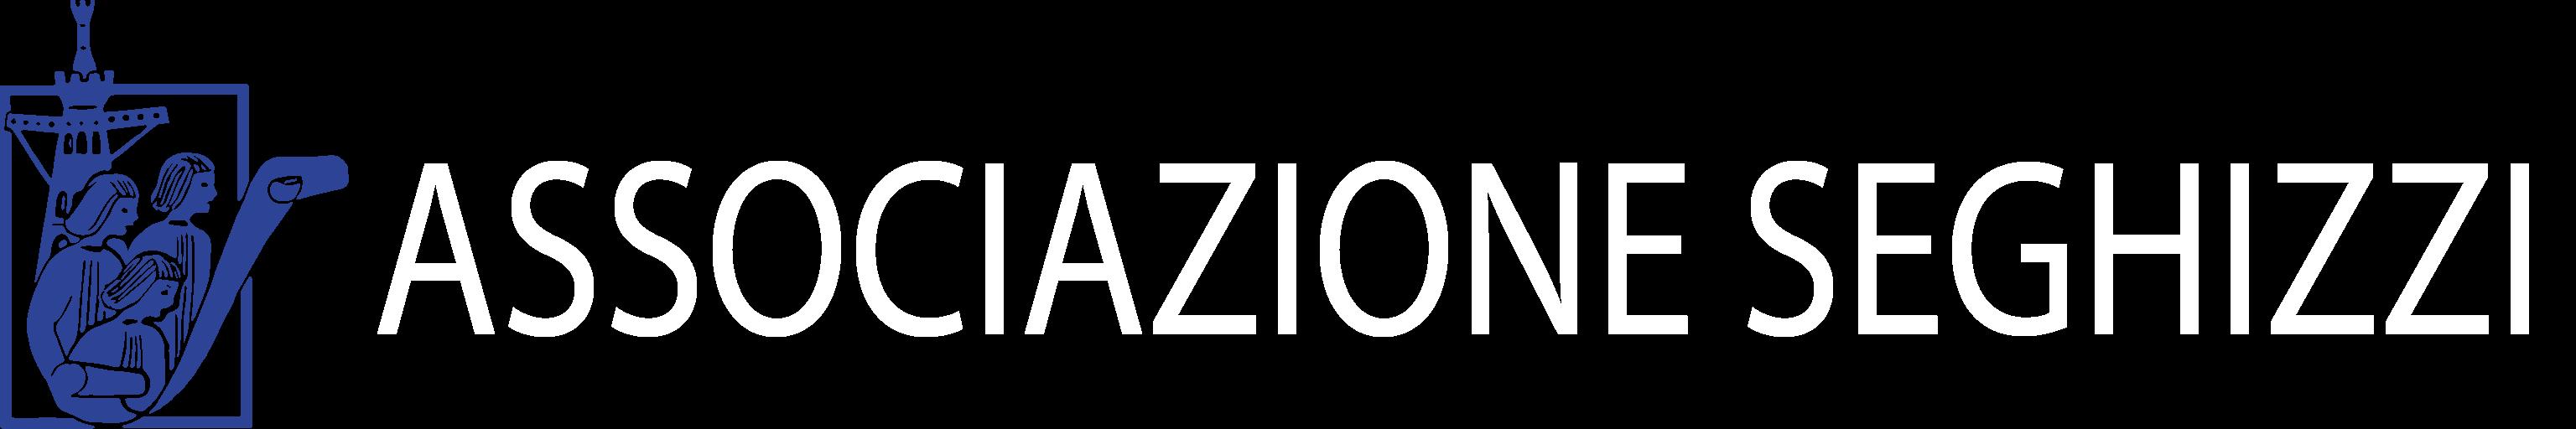 Associazione Seghizzi